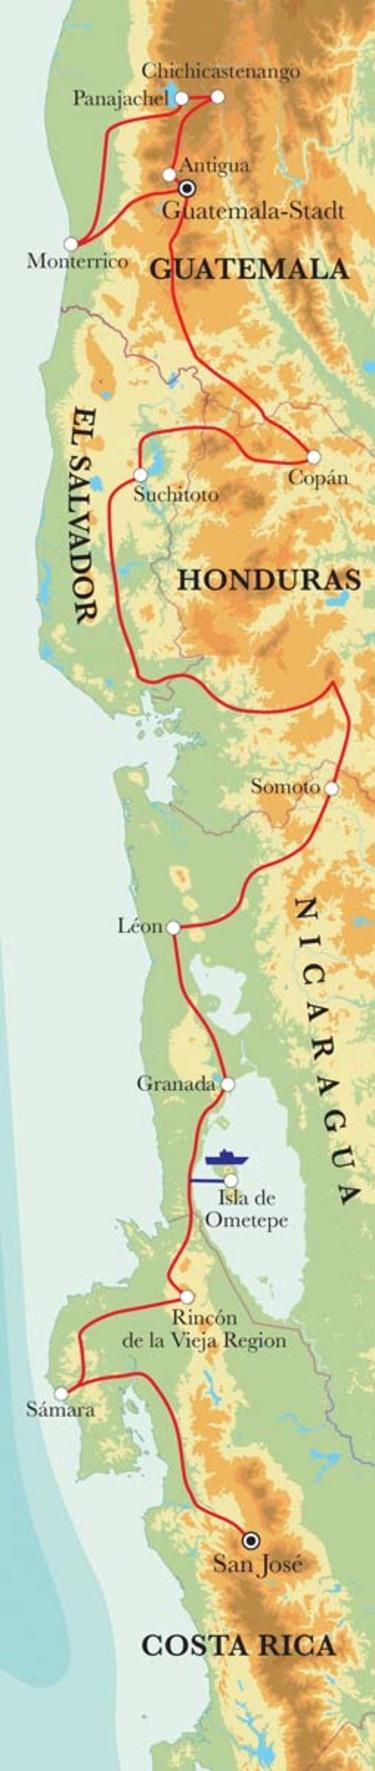 Route Rundreise Von Guatemala-Stadt nach San José, 22 Tage